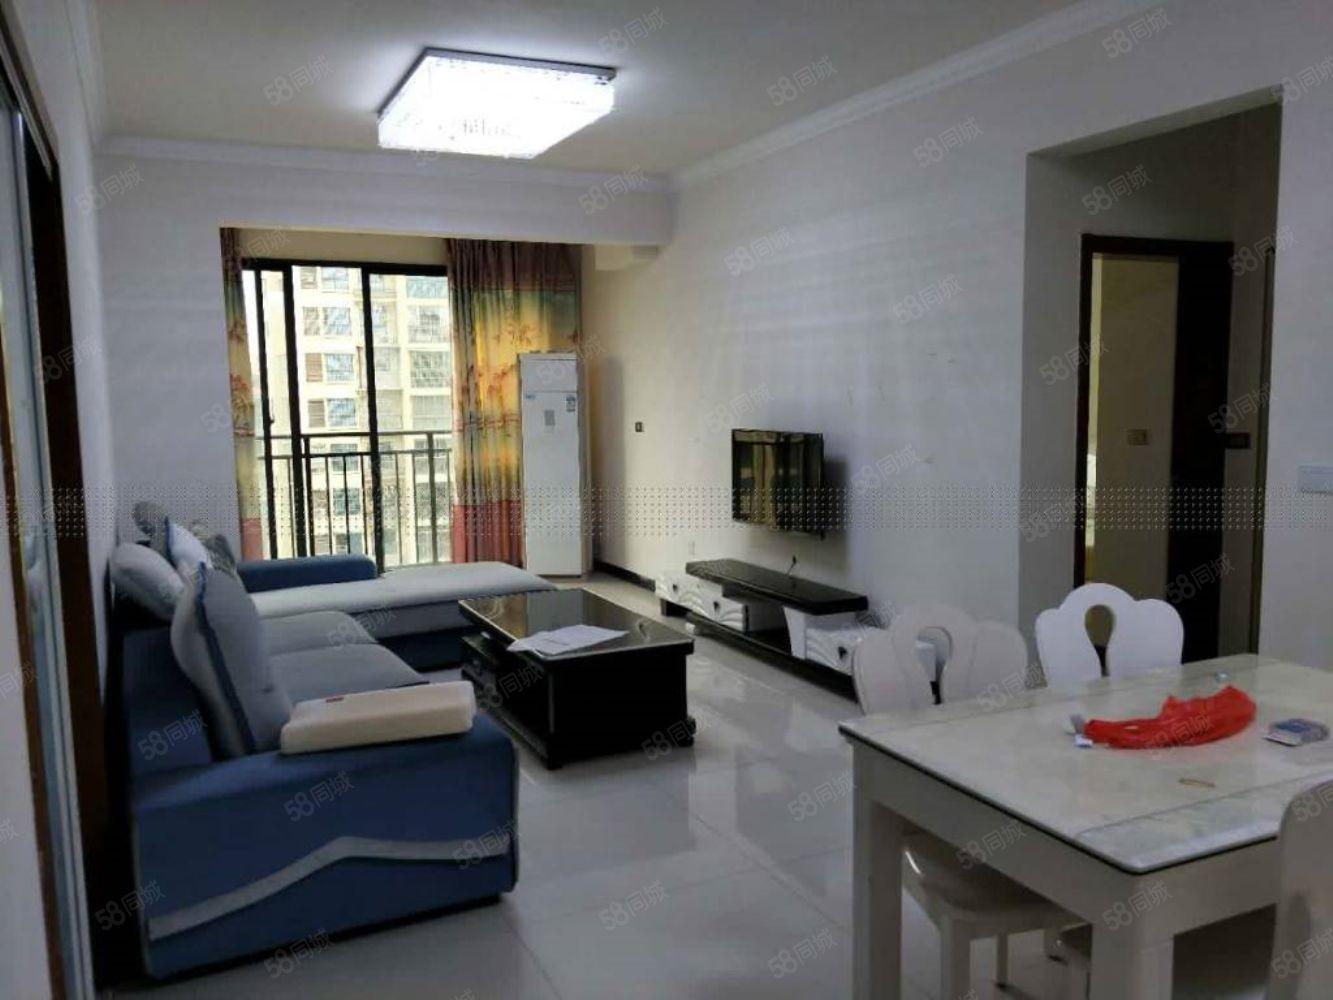 人民医院附近鹭岛国际2室精装出租,配套齐全,随时看房入住